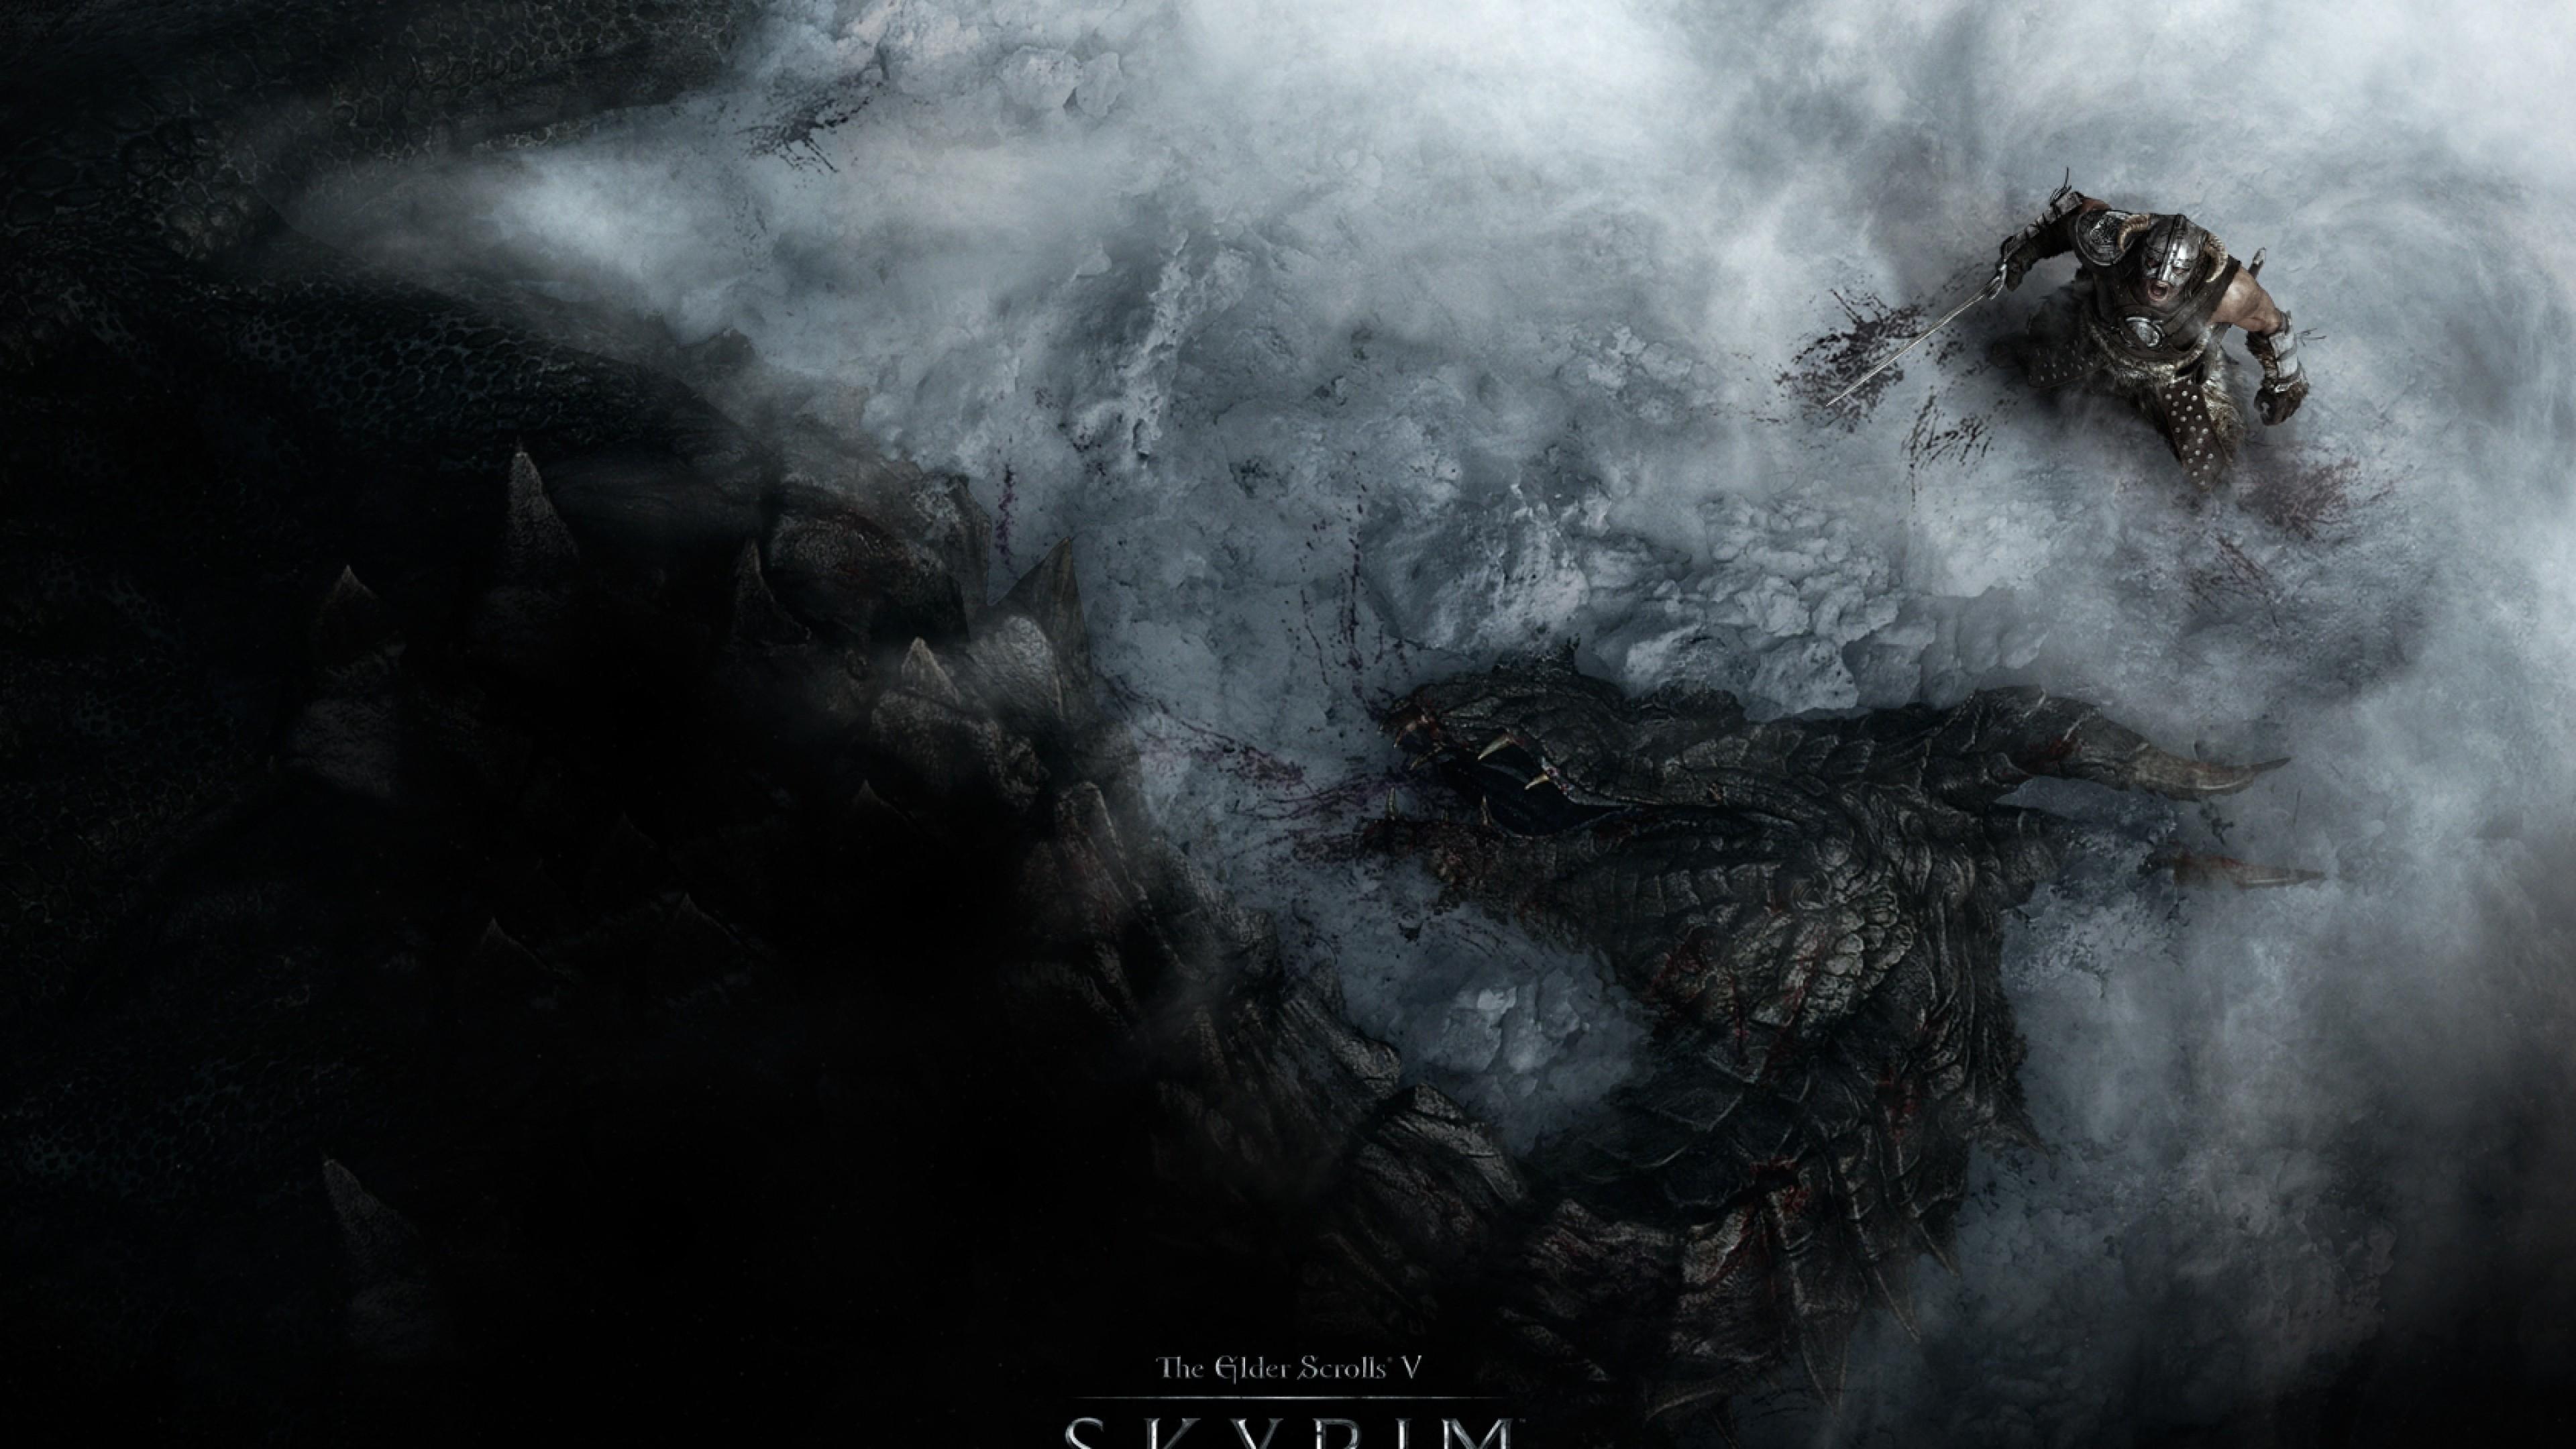 4K Skyrim Wallpaper – WallpaperSafari